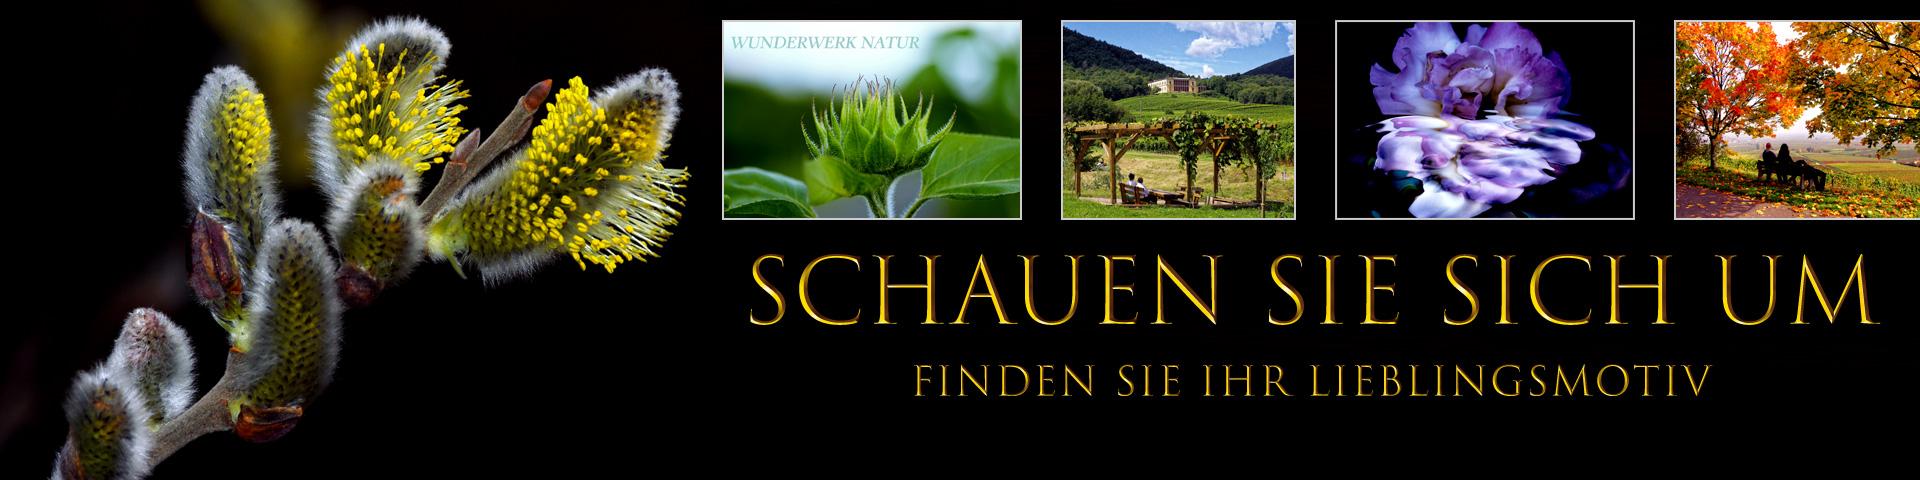 Bildershop von Jürgen Heise